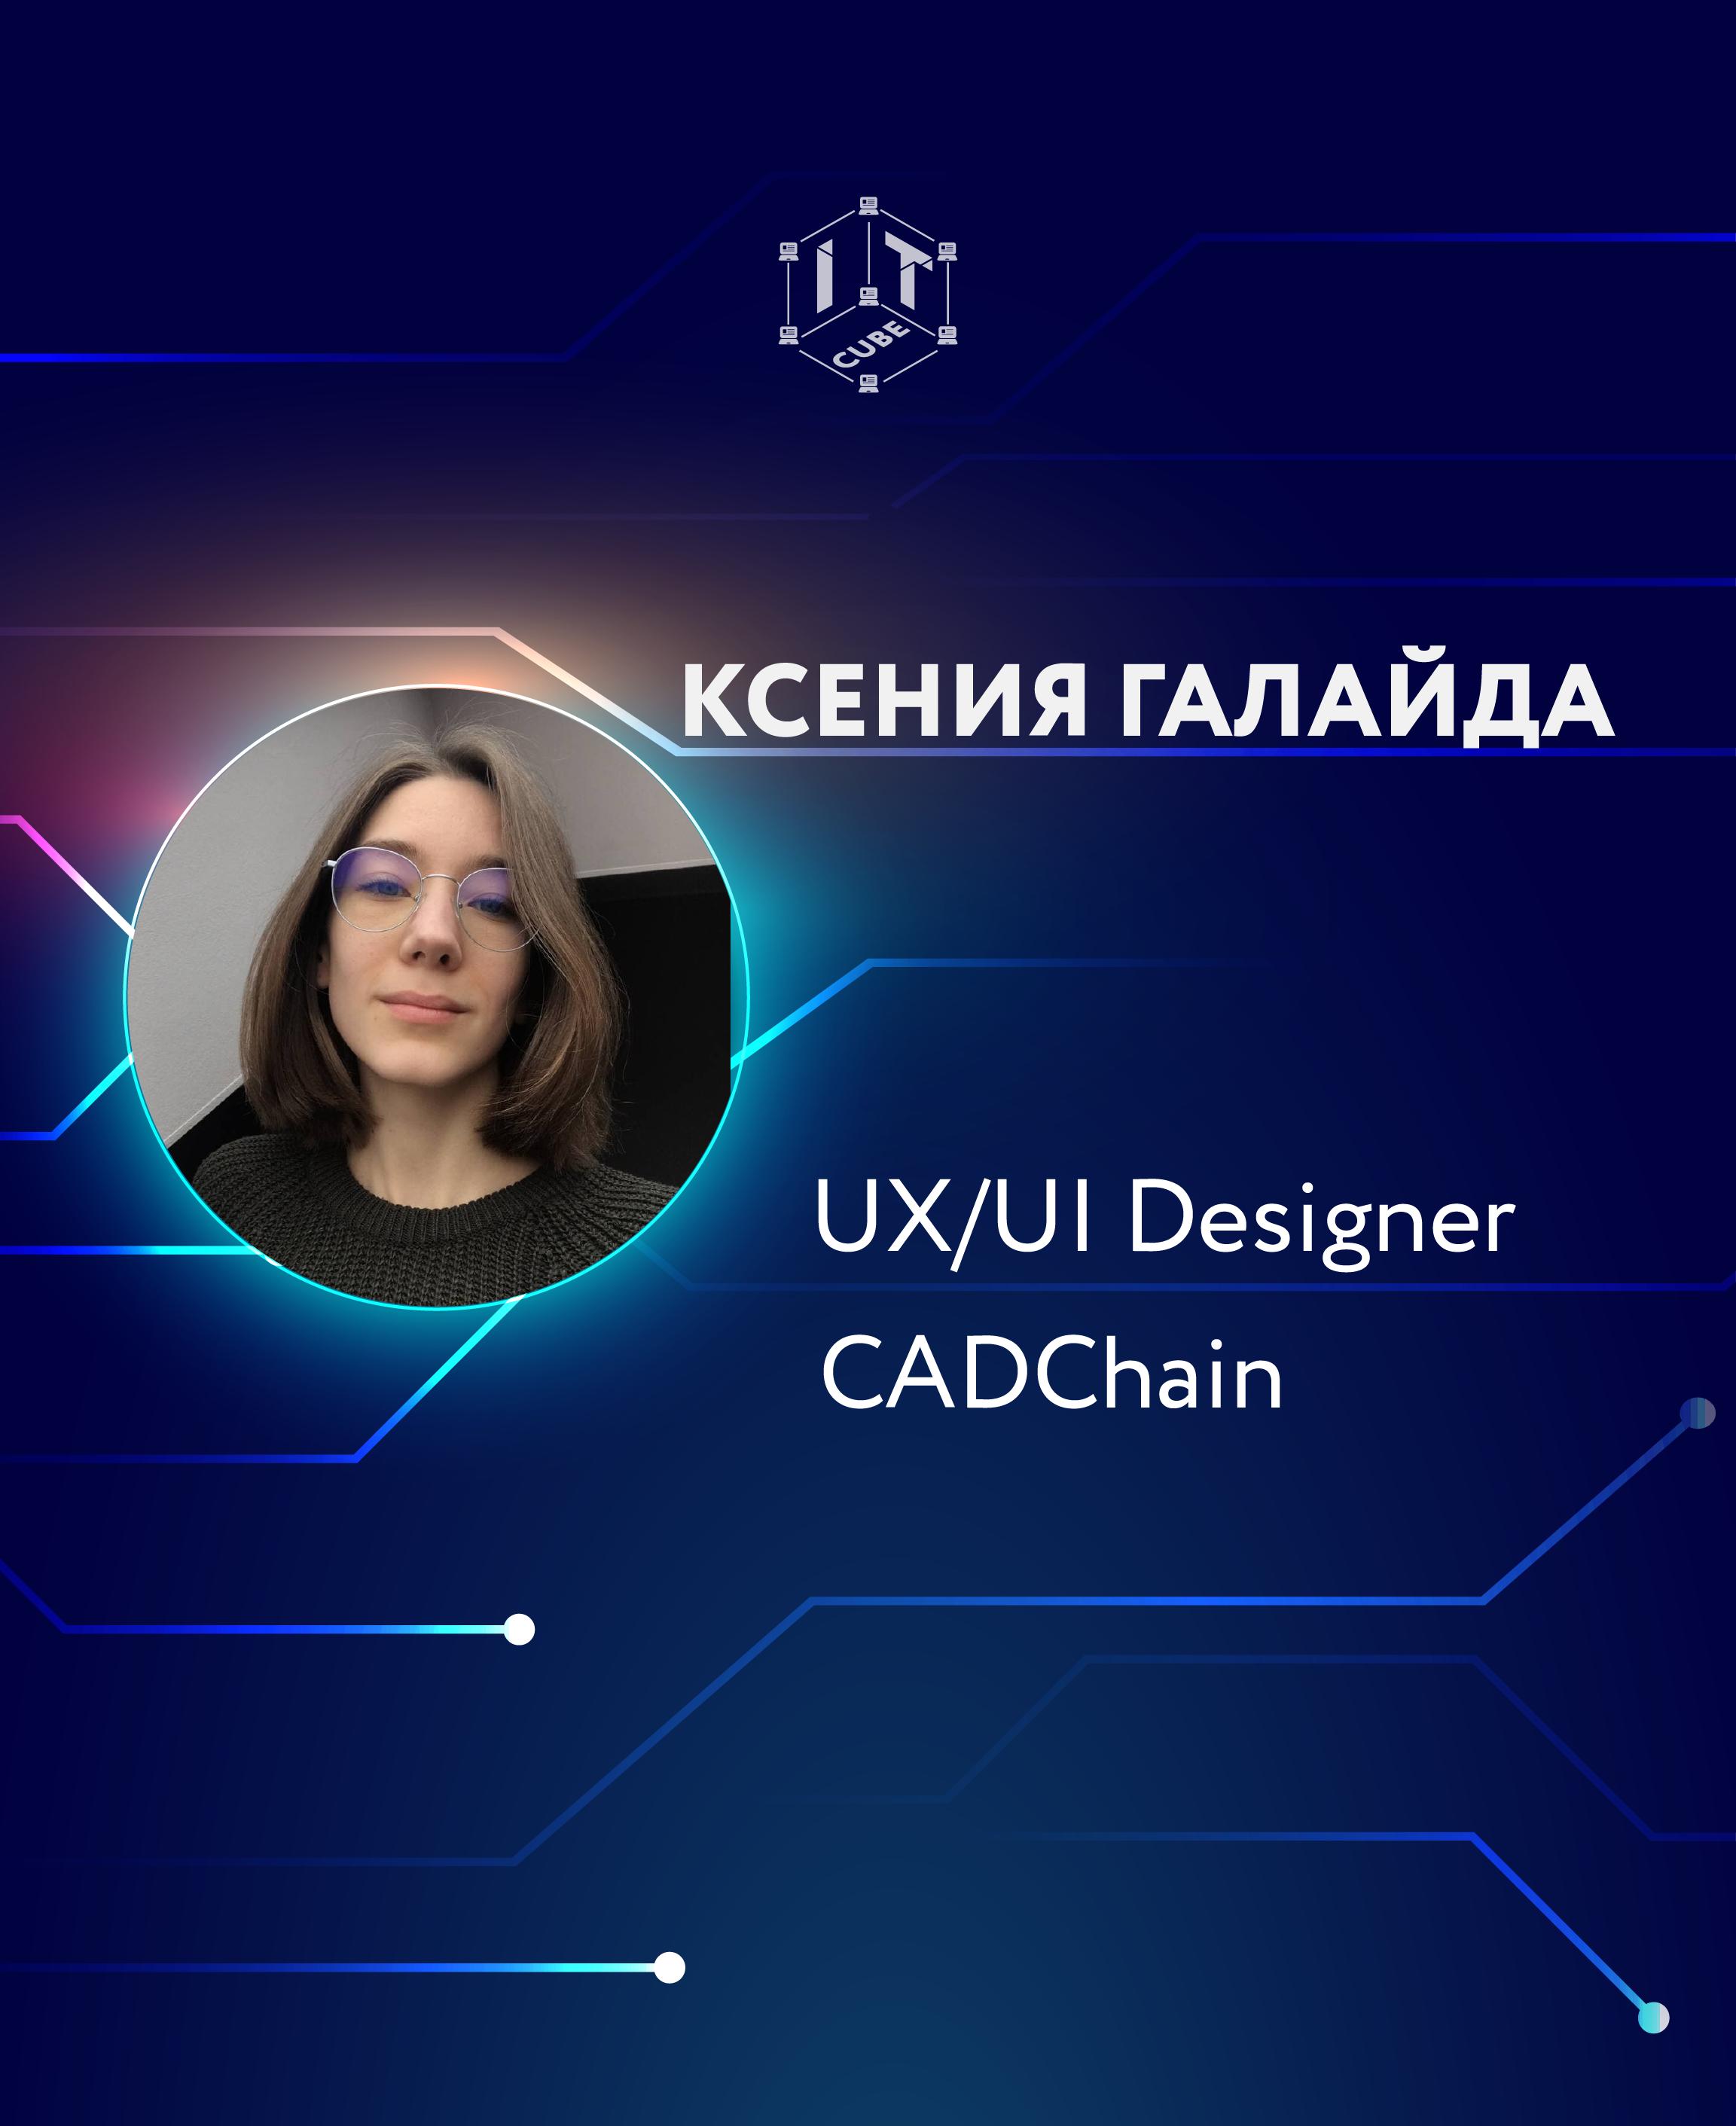 Профессии в IT: UX/UI Designer